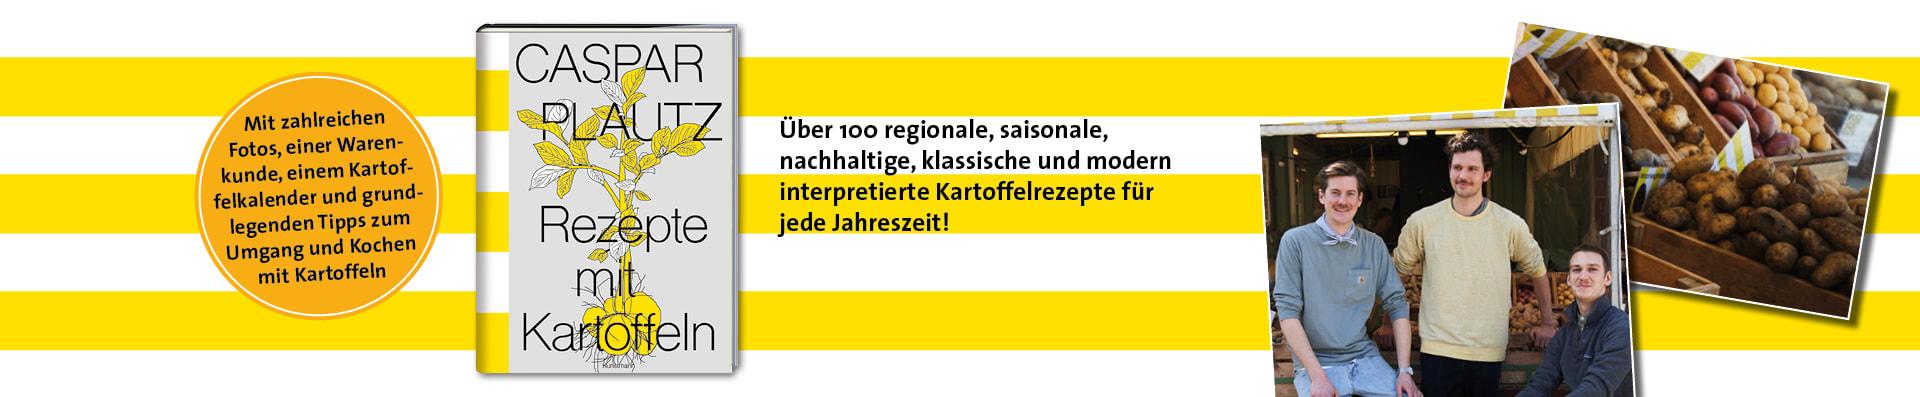 Hoppe | Klier | Lindinger – Caspar Plautz. Rezepte mit Kartoffeln